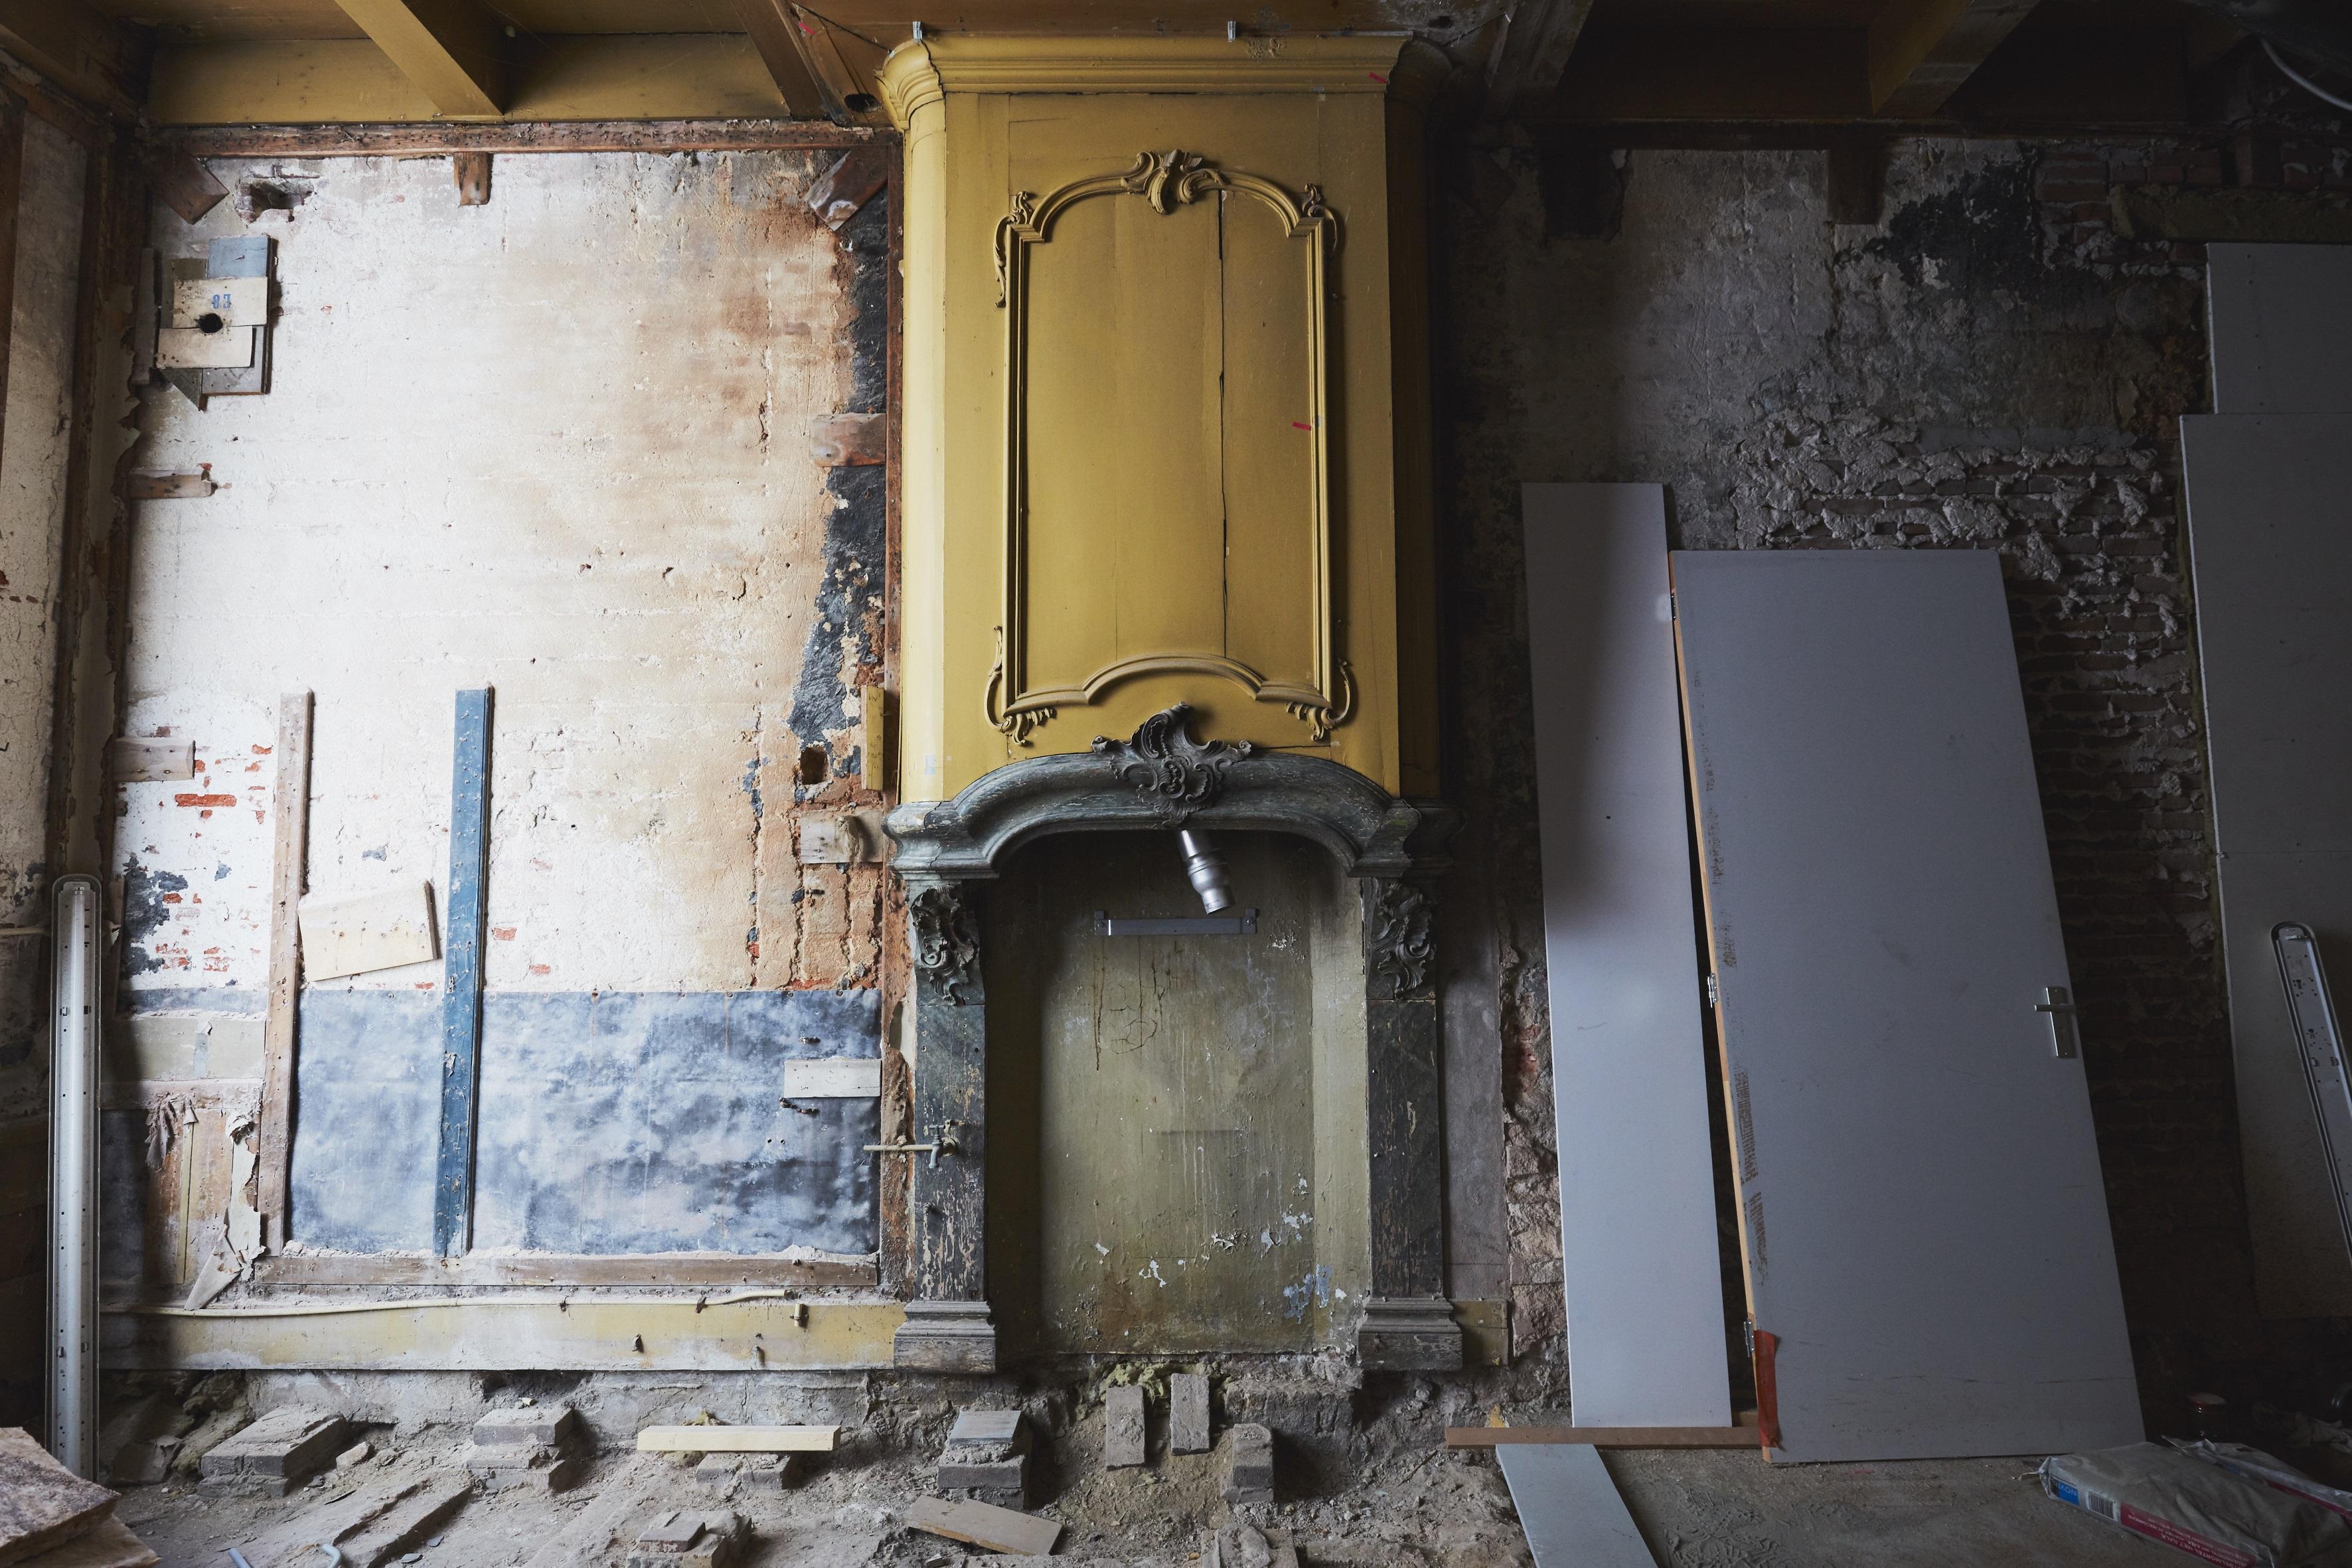 Restauratie monumentaal woonhuis Pieter Teyler met high tech-oplossingen: 'Bordjes met rennende mannetjes passen hier niet'